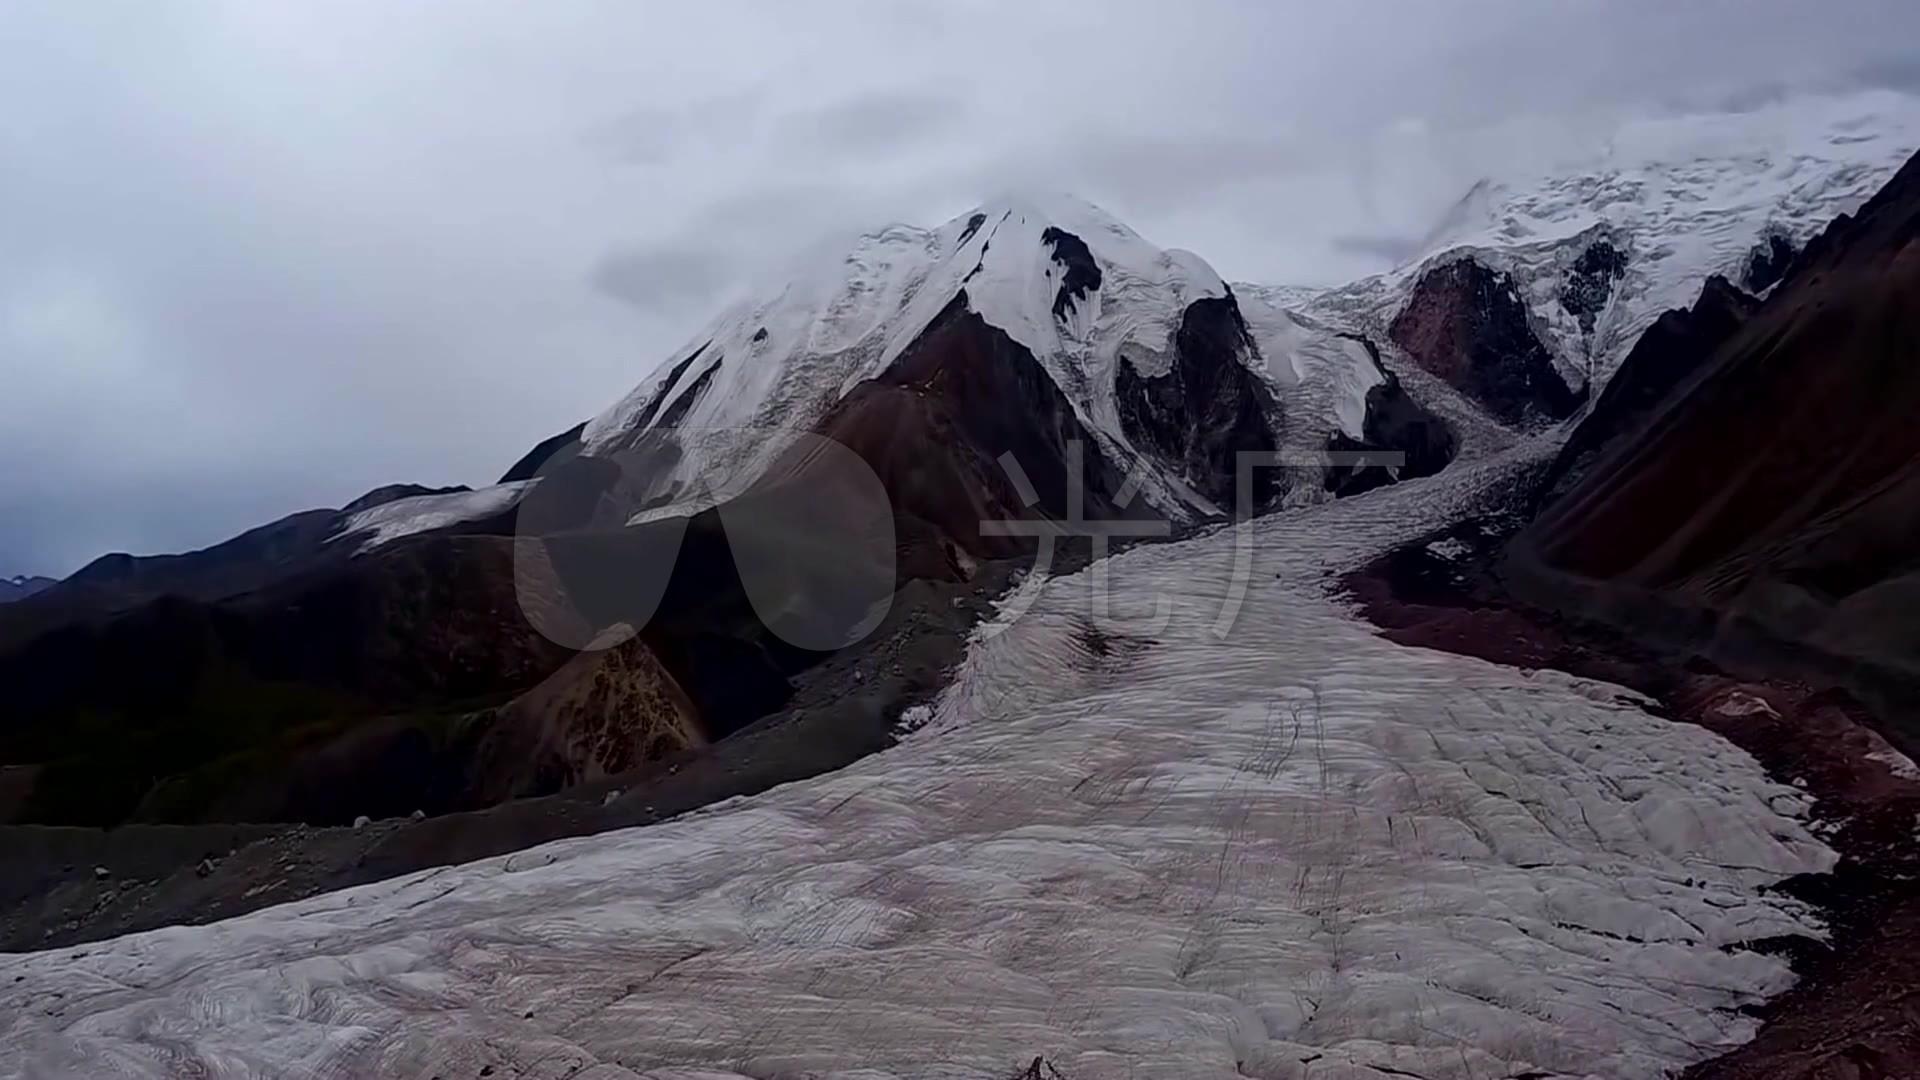 v雪山西藏雪山教学戈壁牧区视频自然风光_192r草原山峰图片